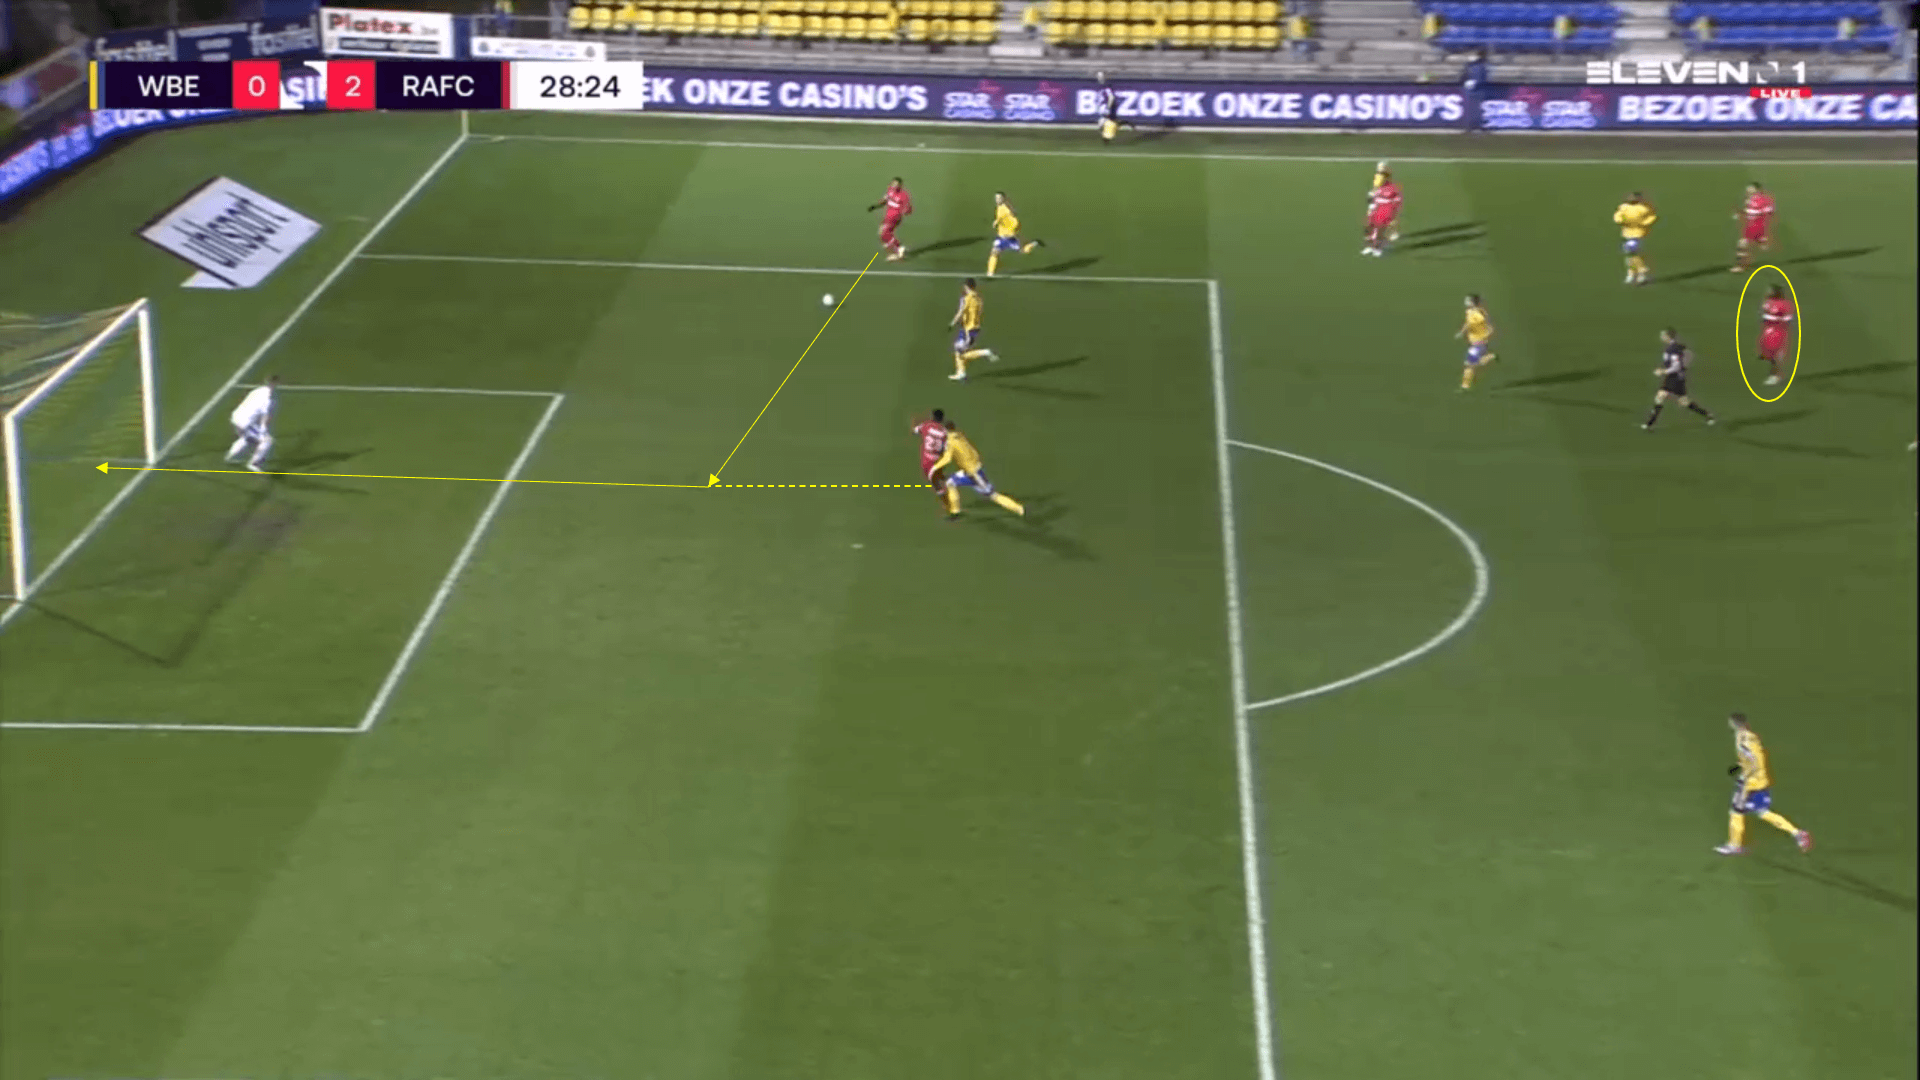 Belgian Pro League 2020/21 - Waasland Beveren v Antwerp - tactical analysis tactics